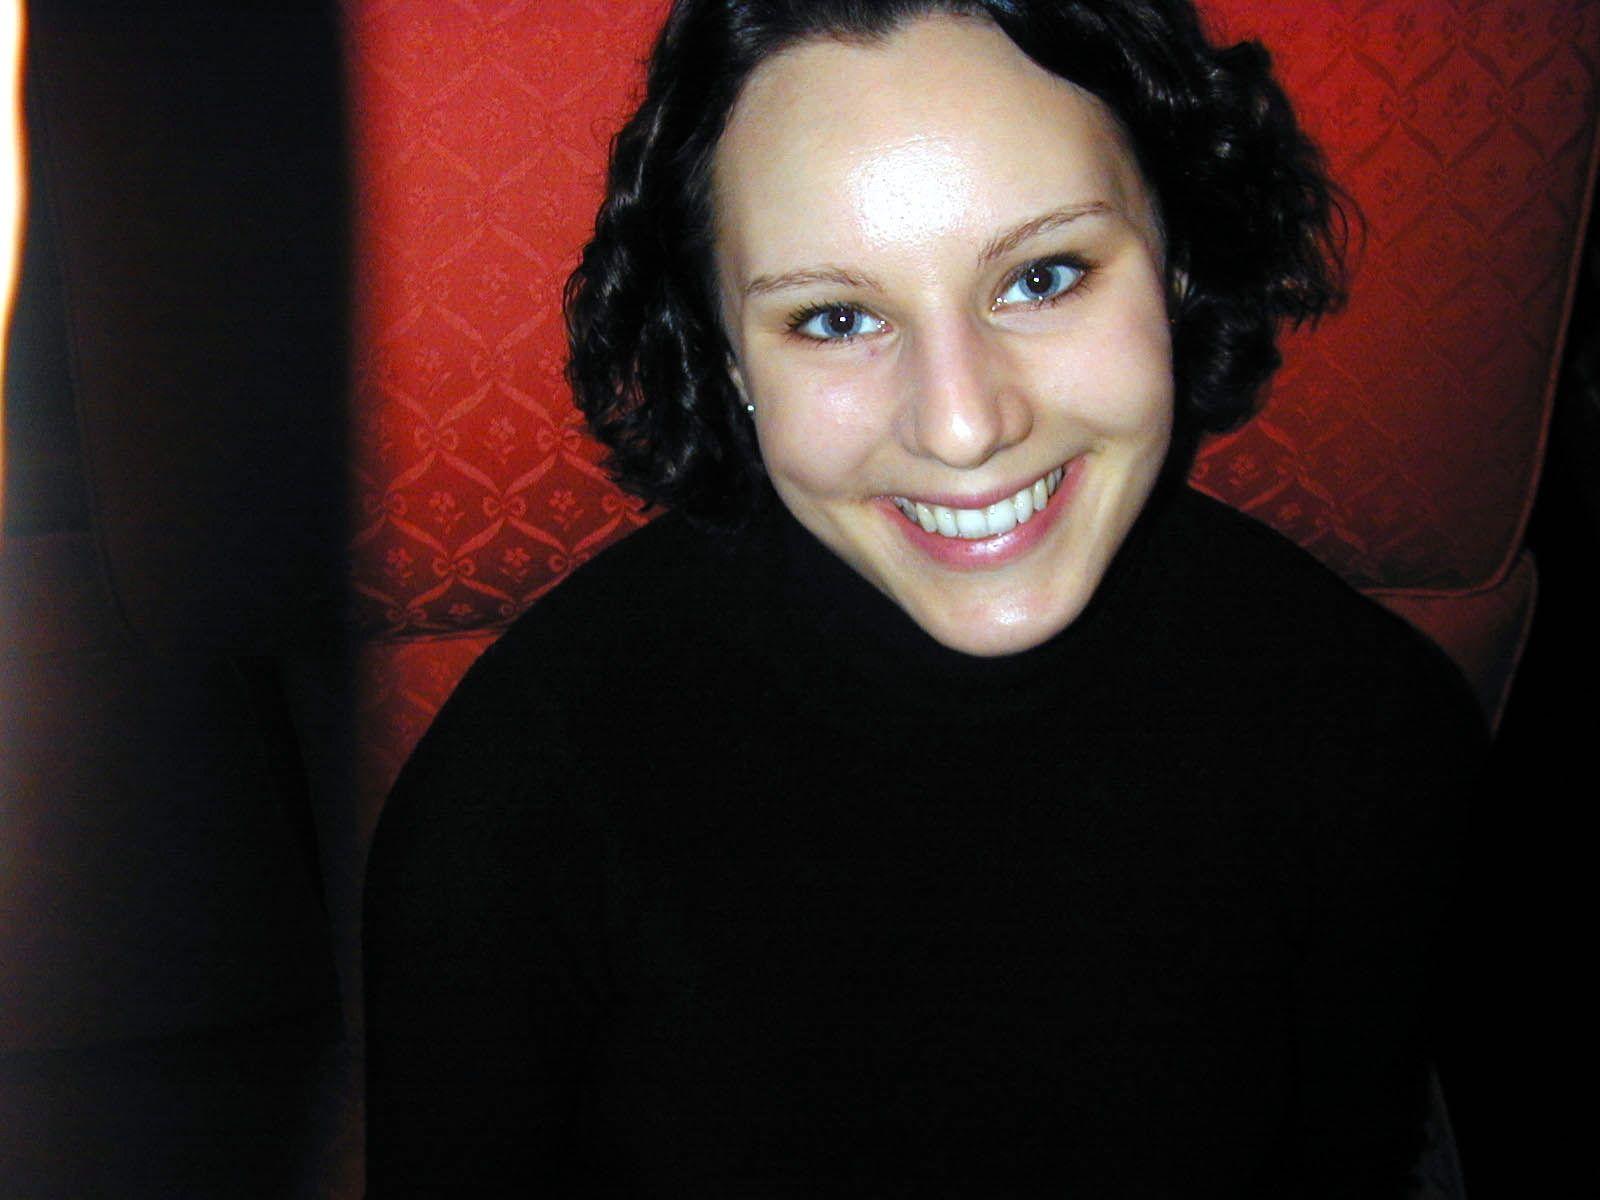 ÅR 2000: Kristian Valla fotografert i forbindelse med debutboken «Muskat» som fikk mye oppmerksomhet og ble hovedbok i Bokklubben Nye Bøker. Valla har blant annet jobbet som redaksjonssjef i motemagasinet Costume og redaktør av Aftenposten-magasinet «K».